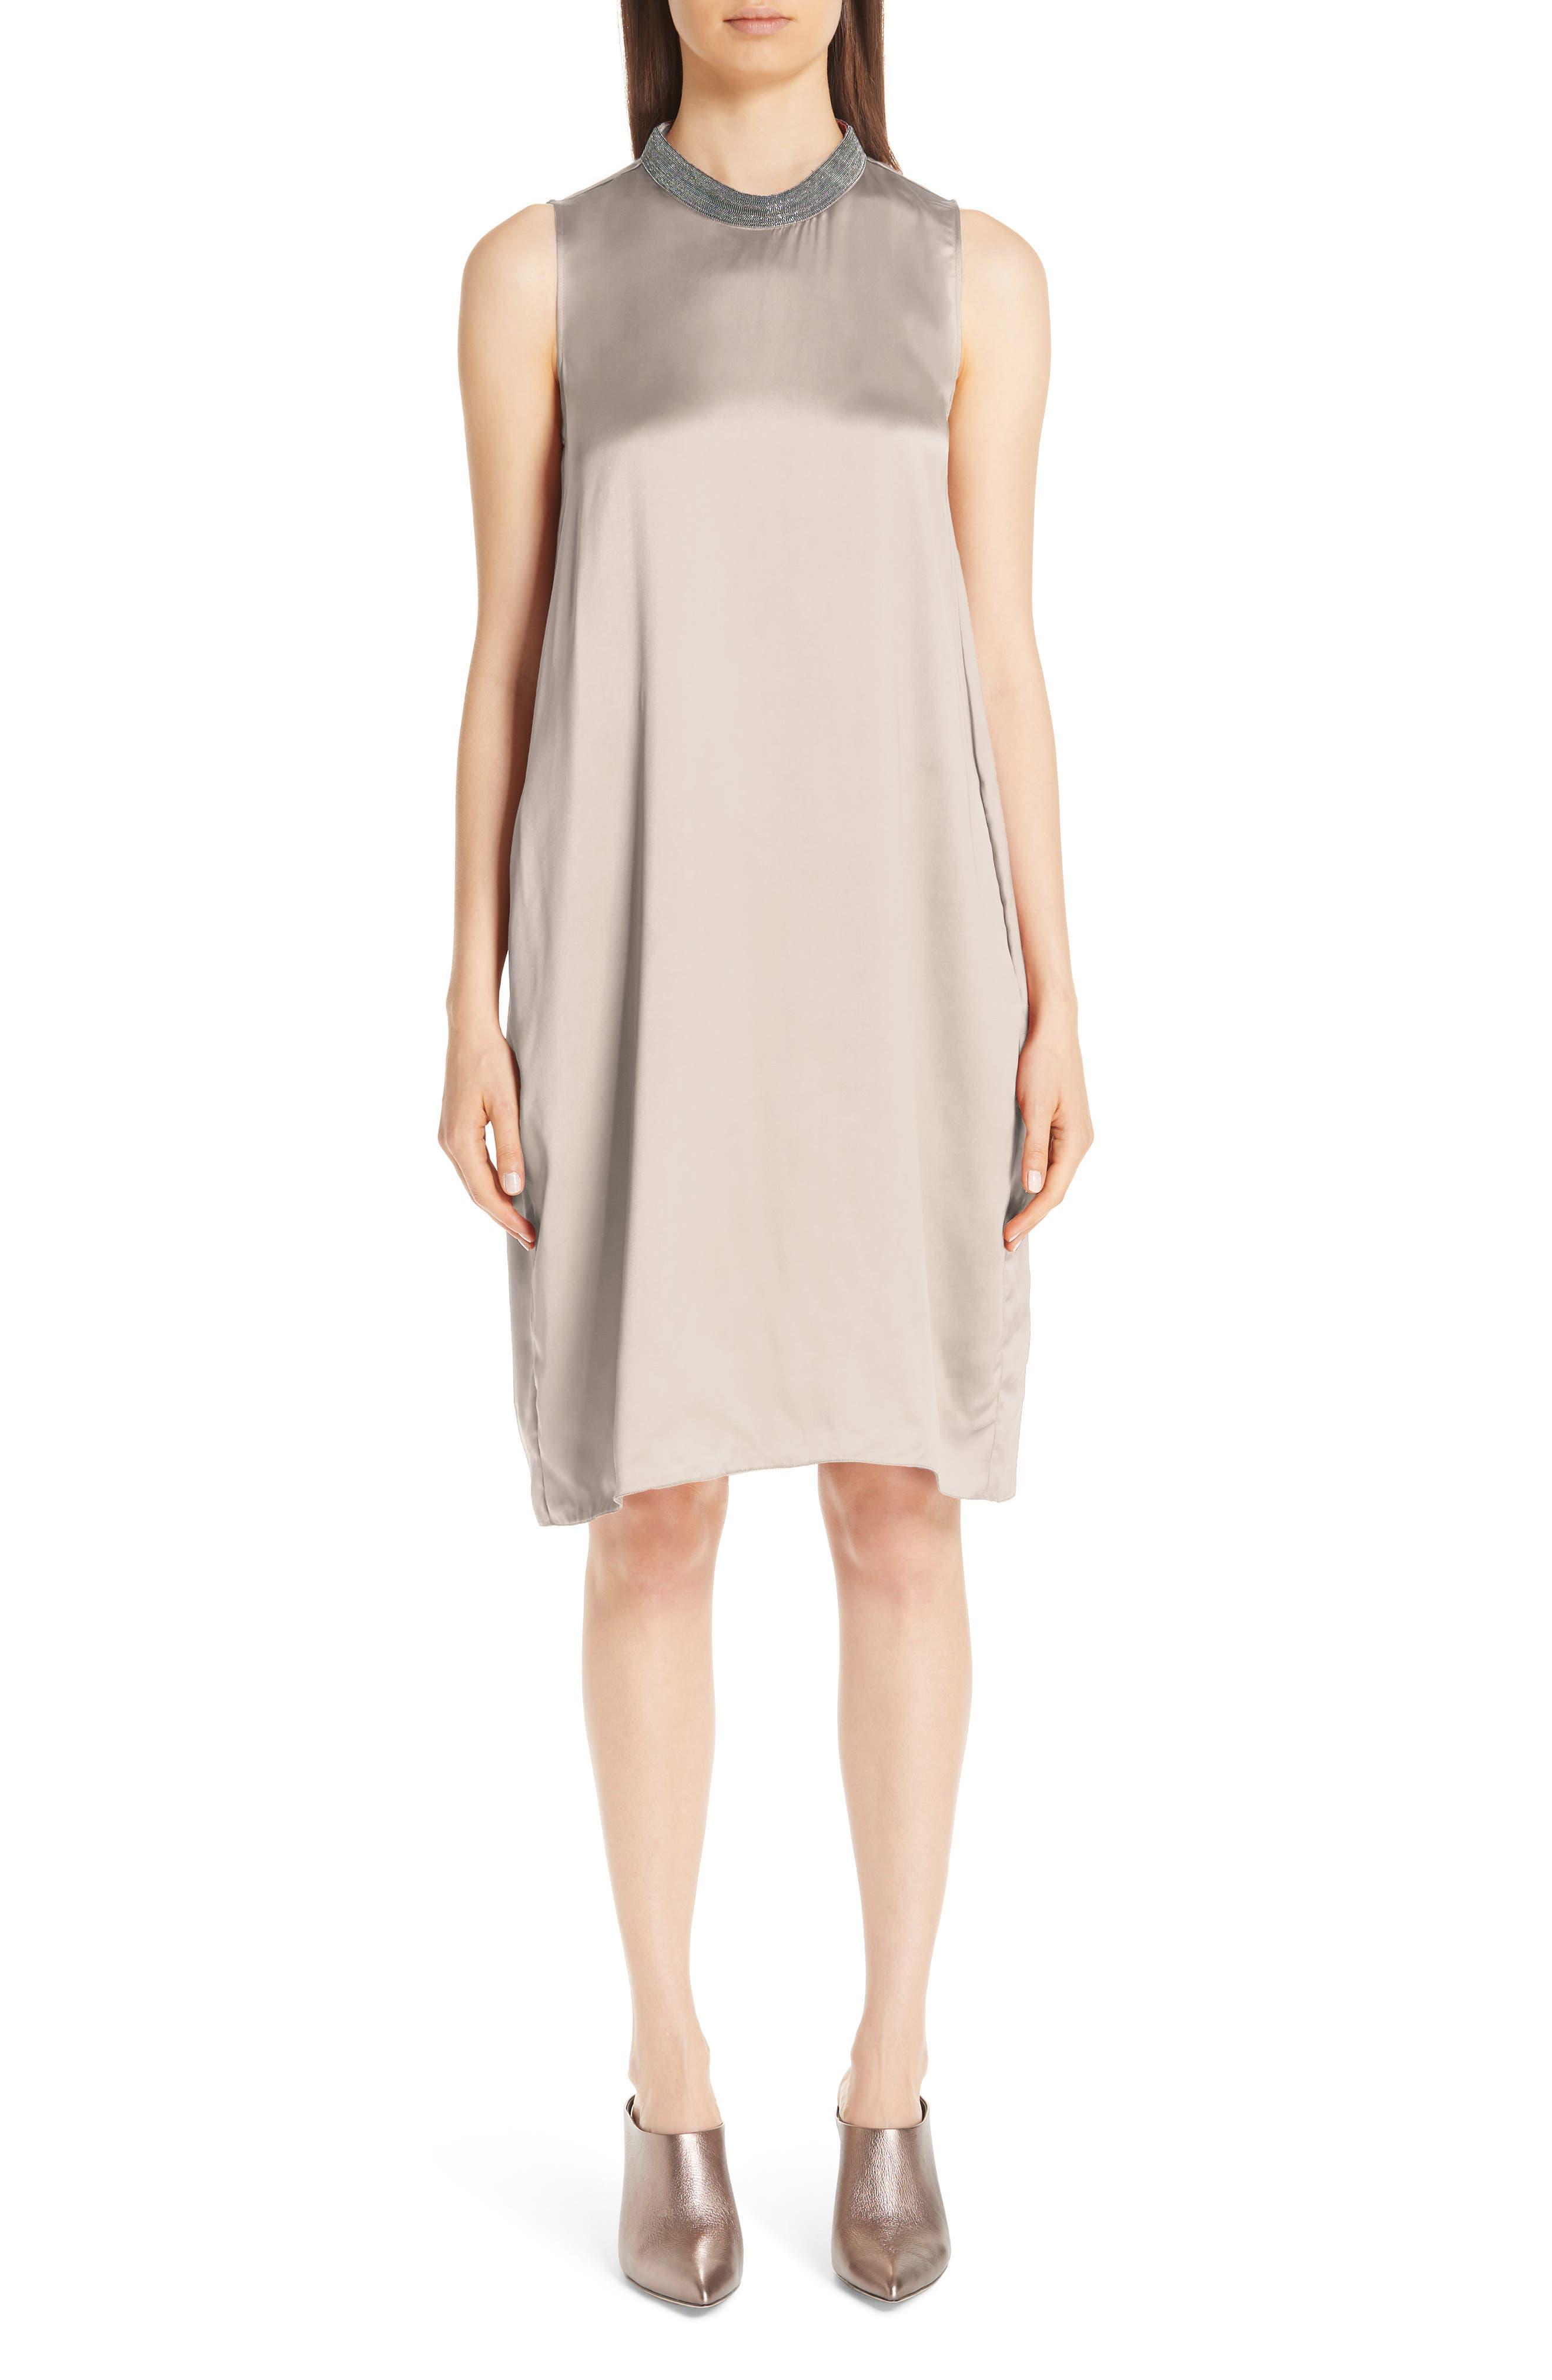 Fabiana Filippi Chain Trim Satin Dress, US / 40 IT - Beige